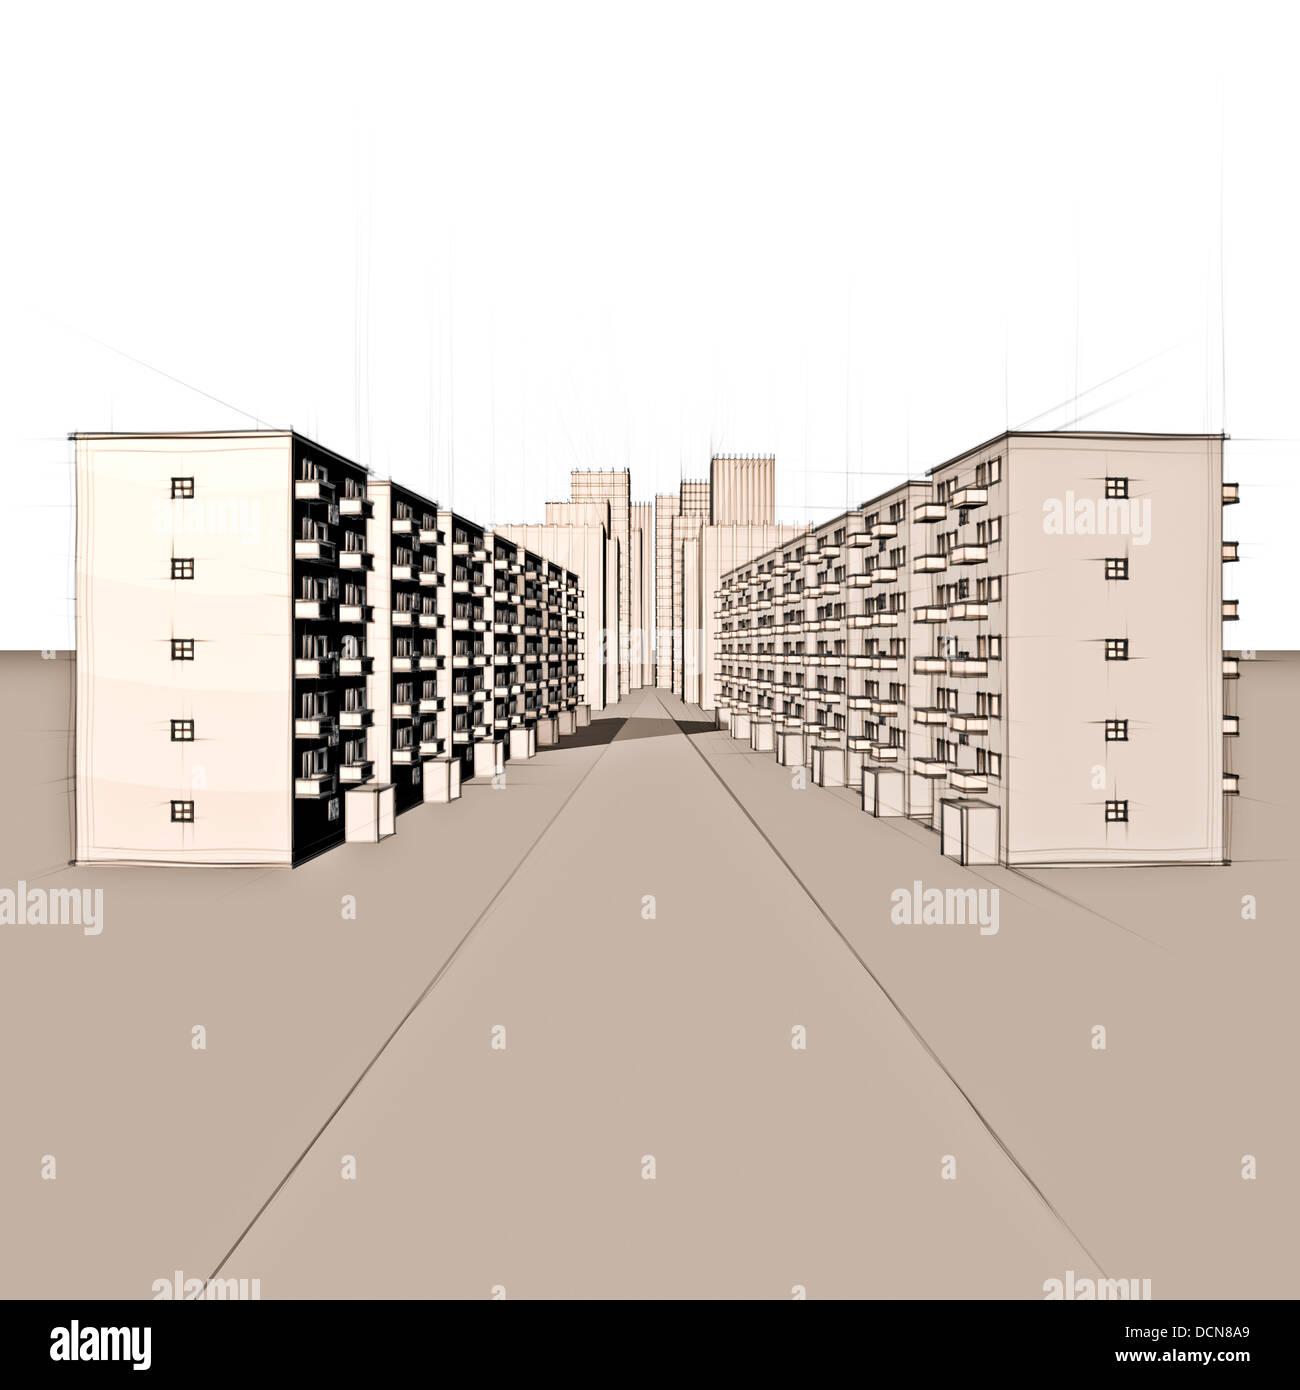 Architektur Skizze Von Einem Modernen Stadtbild